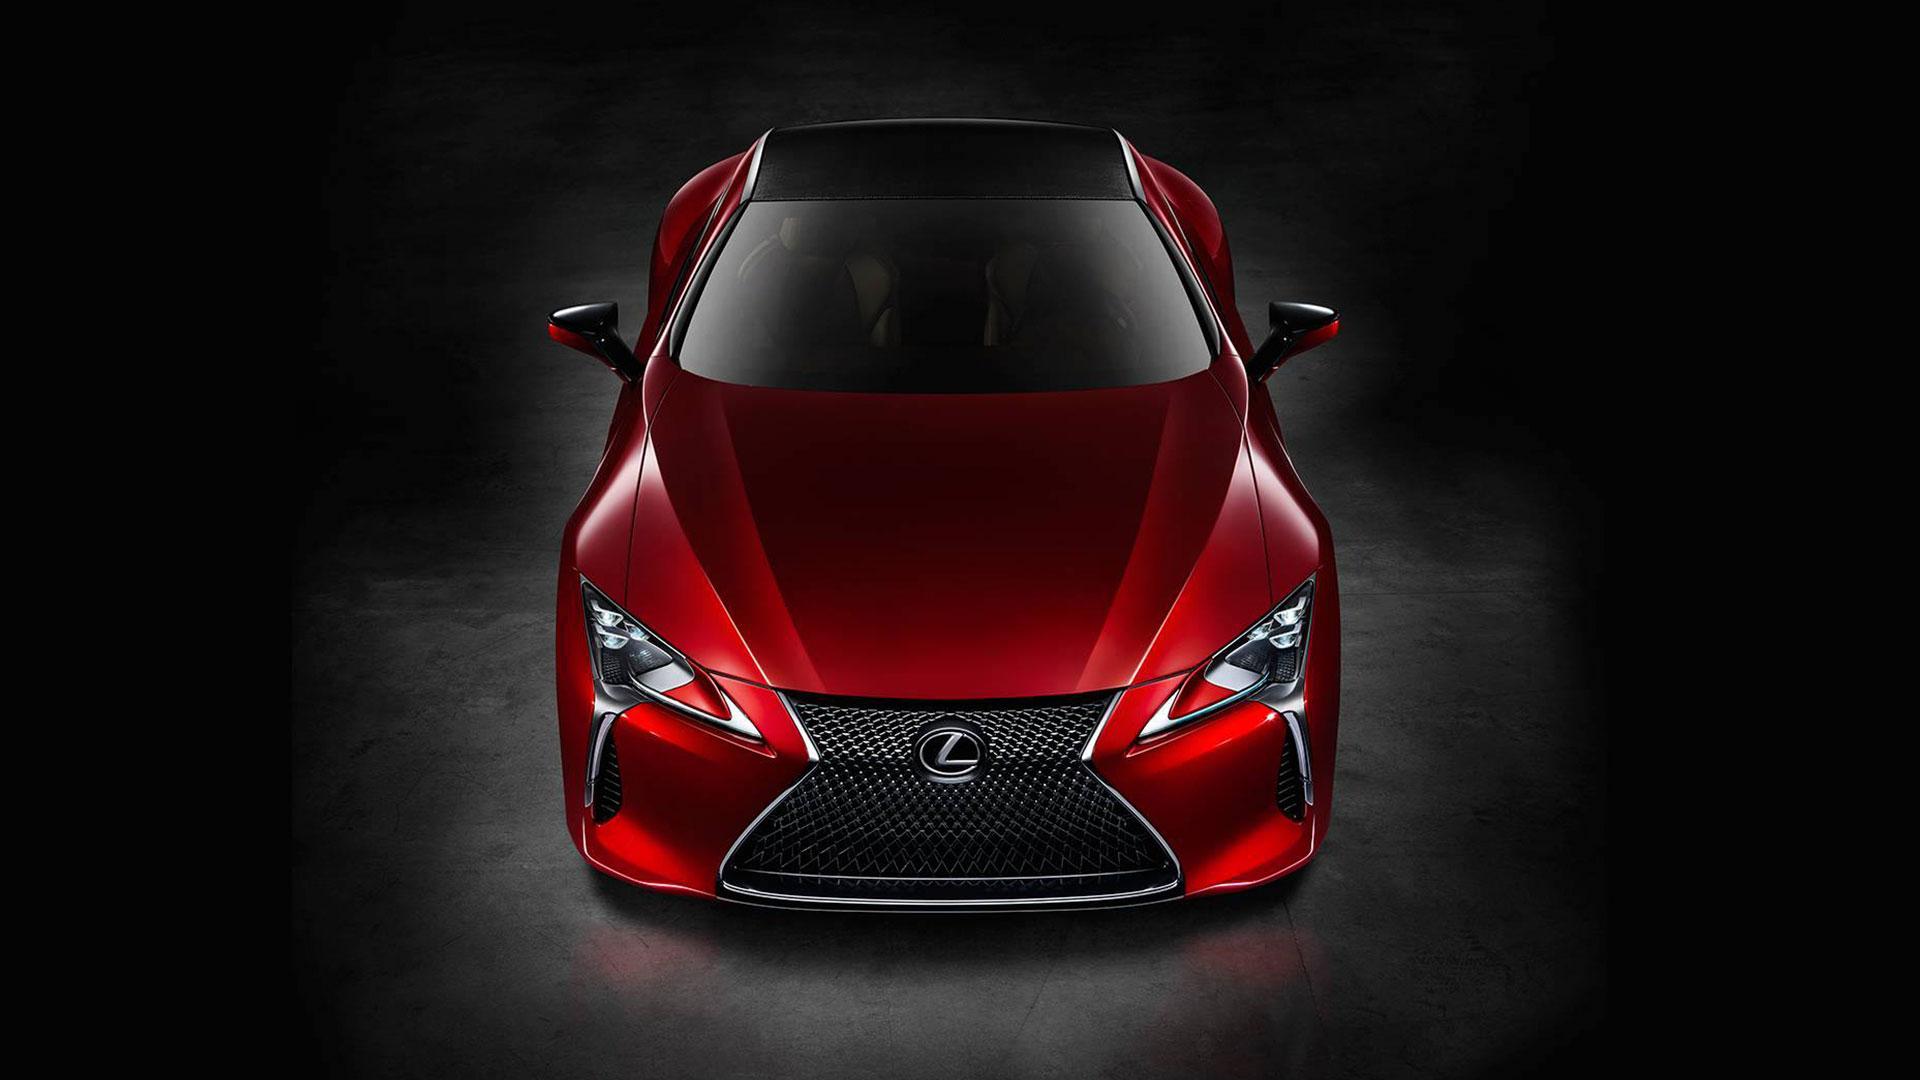 Lexus presentará el nuevo LC 500 en Madrid hero asset